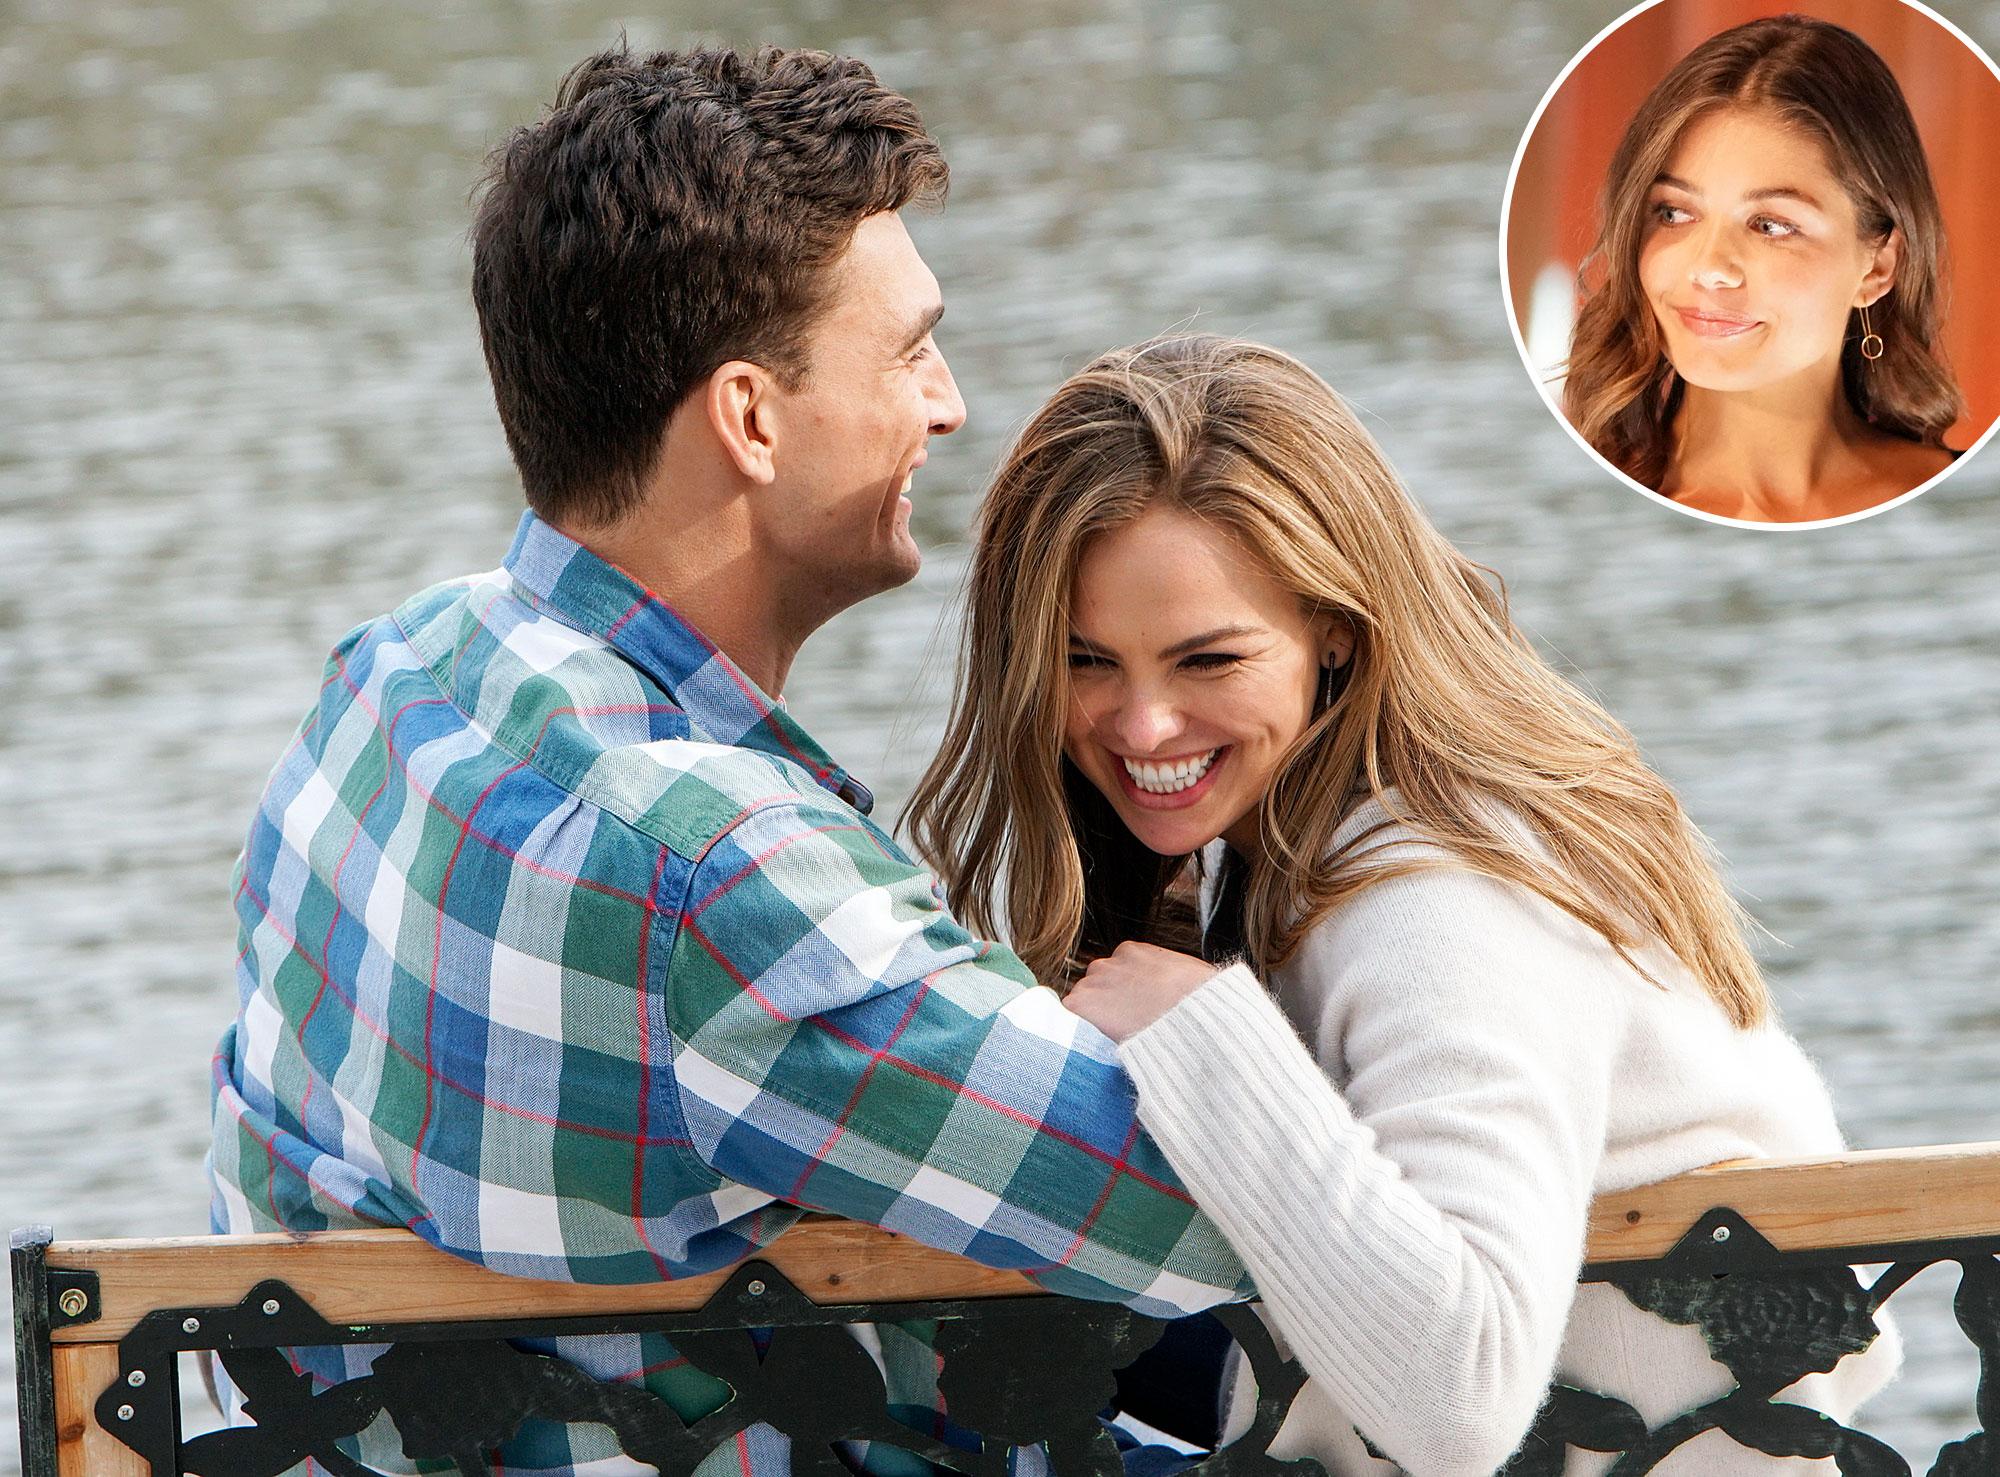 Hannah Brown and Tyler Cameron Dance on TikTok as Bachelors Hannah Ann Sluss Ships Their Reunion